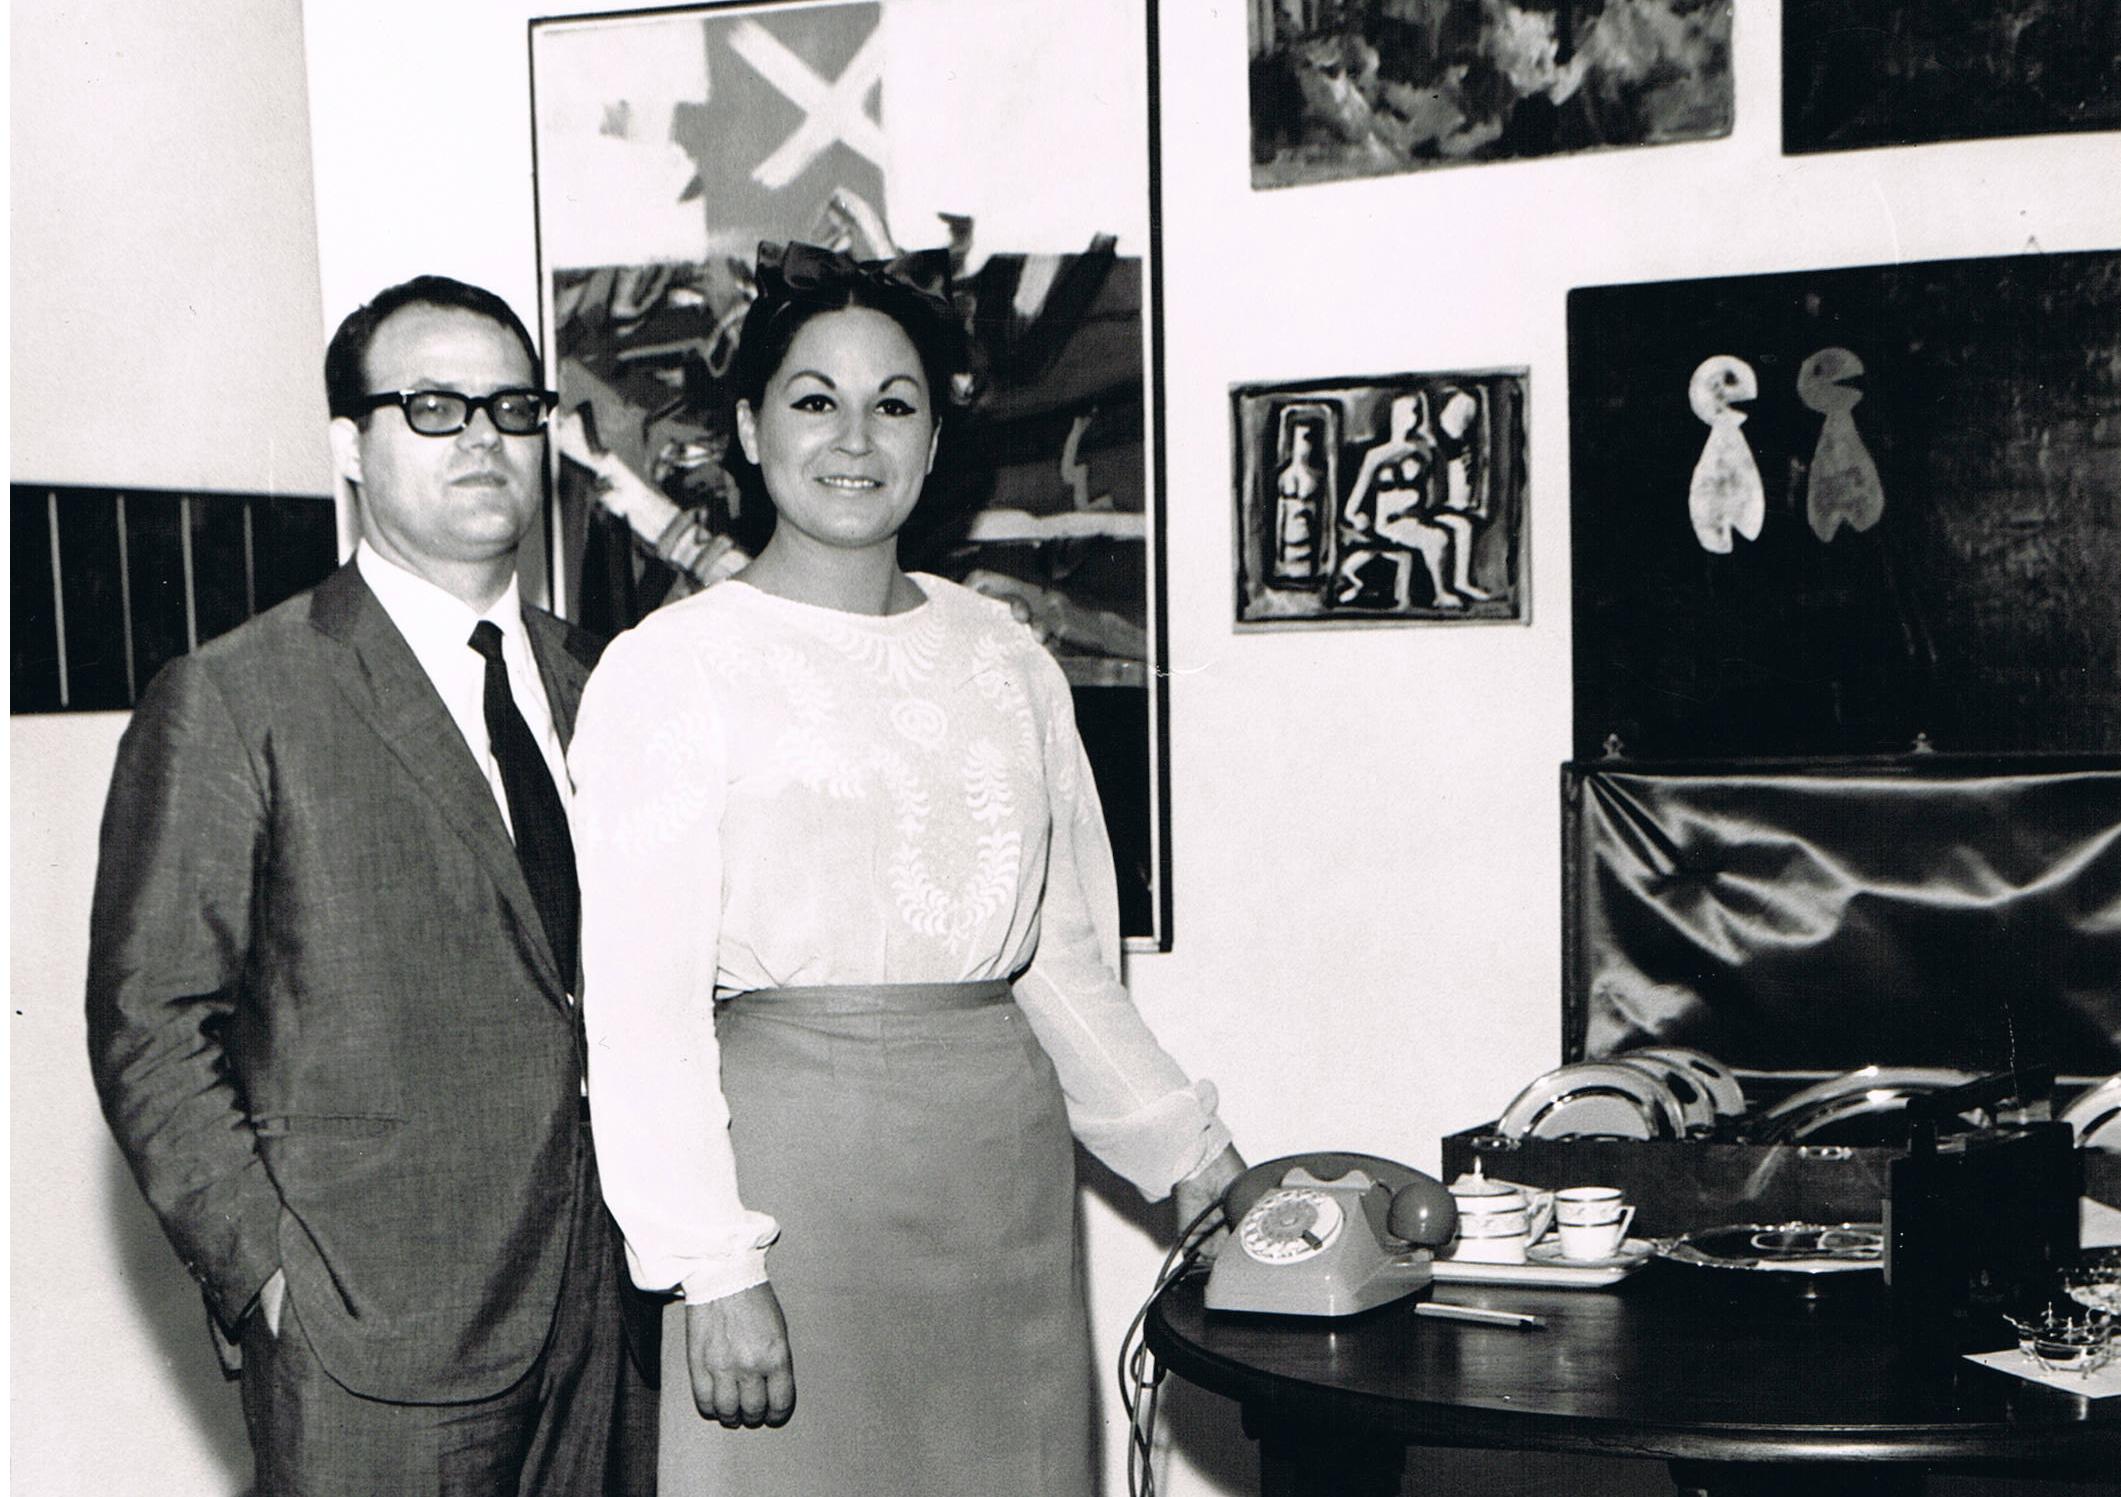 """Giugno 1966. Dopo pochi giorni dal loro matrimonio i coniugi Zecchillo espongono presso la loro abitazione di Via Washington 29 il quadro di Piero Manzoni """"Buone Azioni""""."""